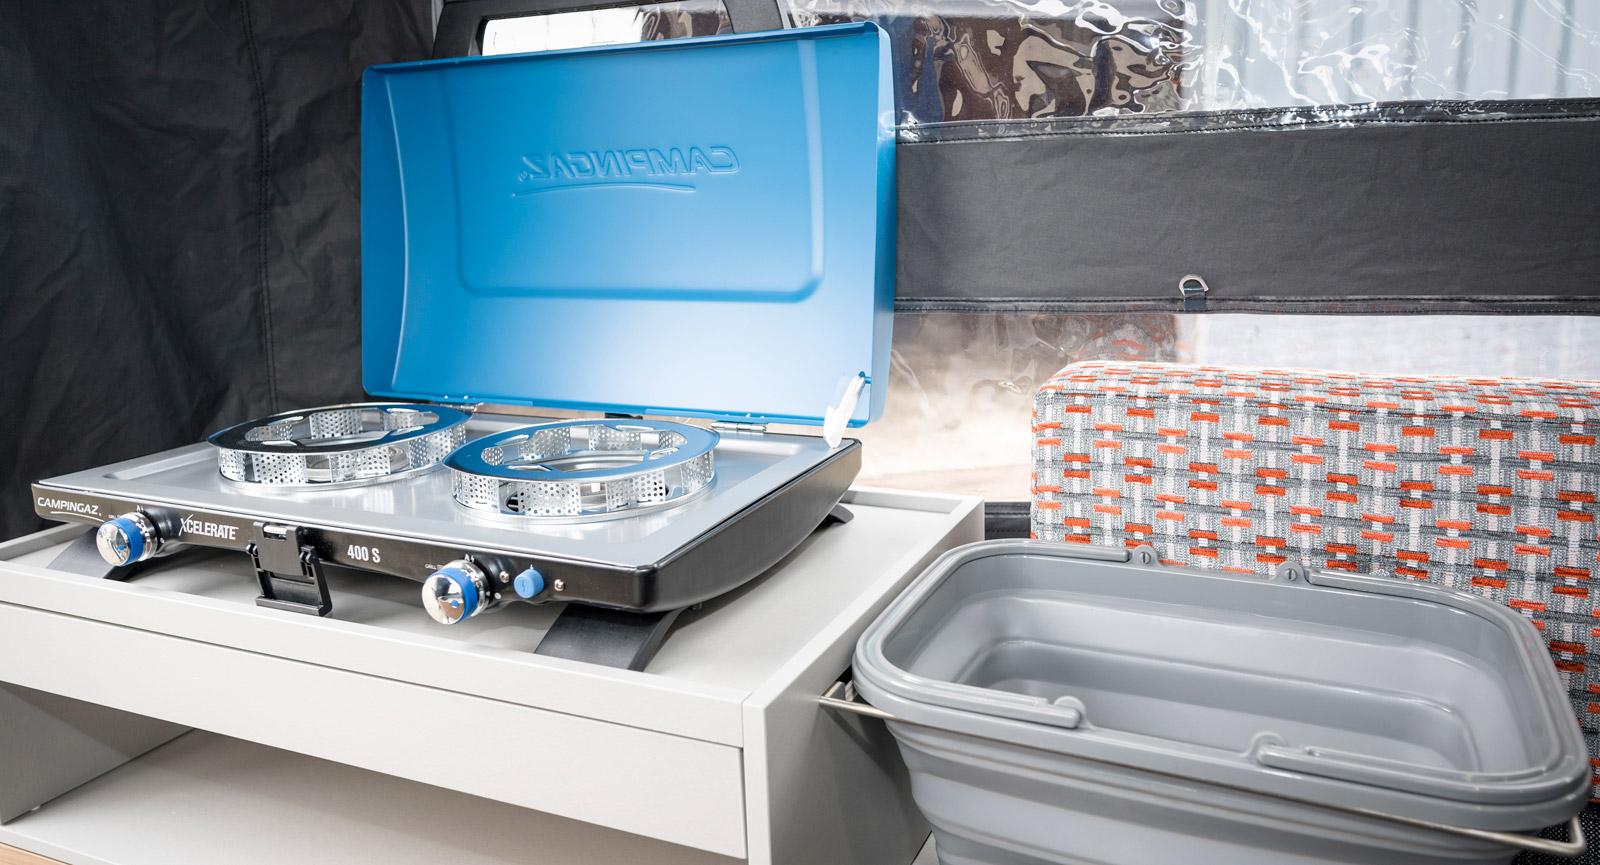 Köket är mycket enkelt utformat med en spis och diskbalja som även kan placeras utanför vagnen om man vill.